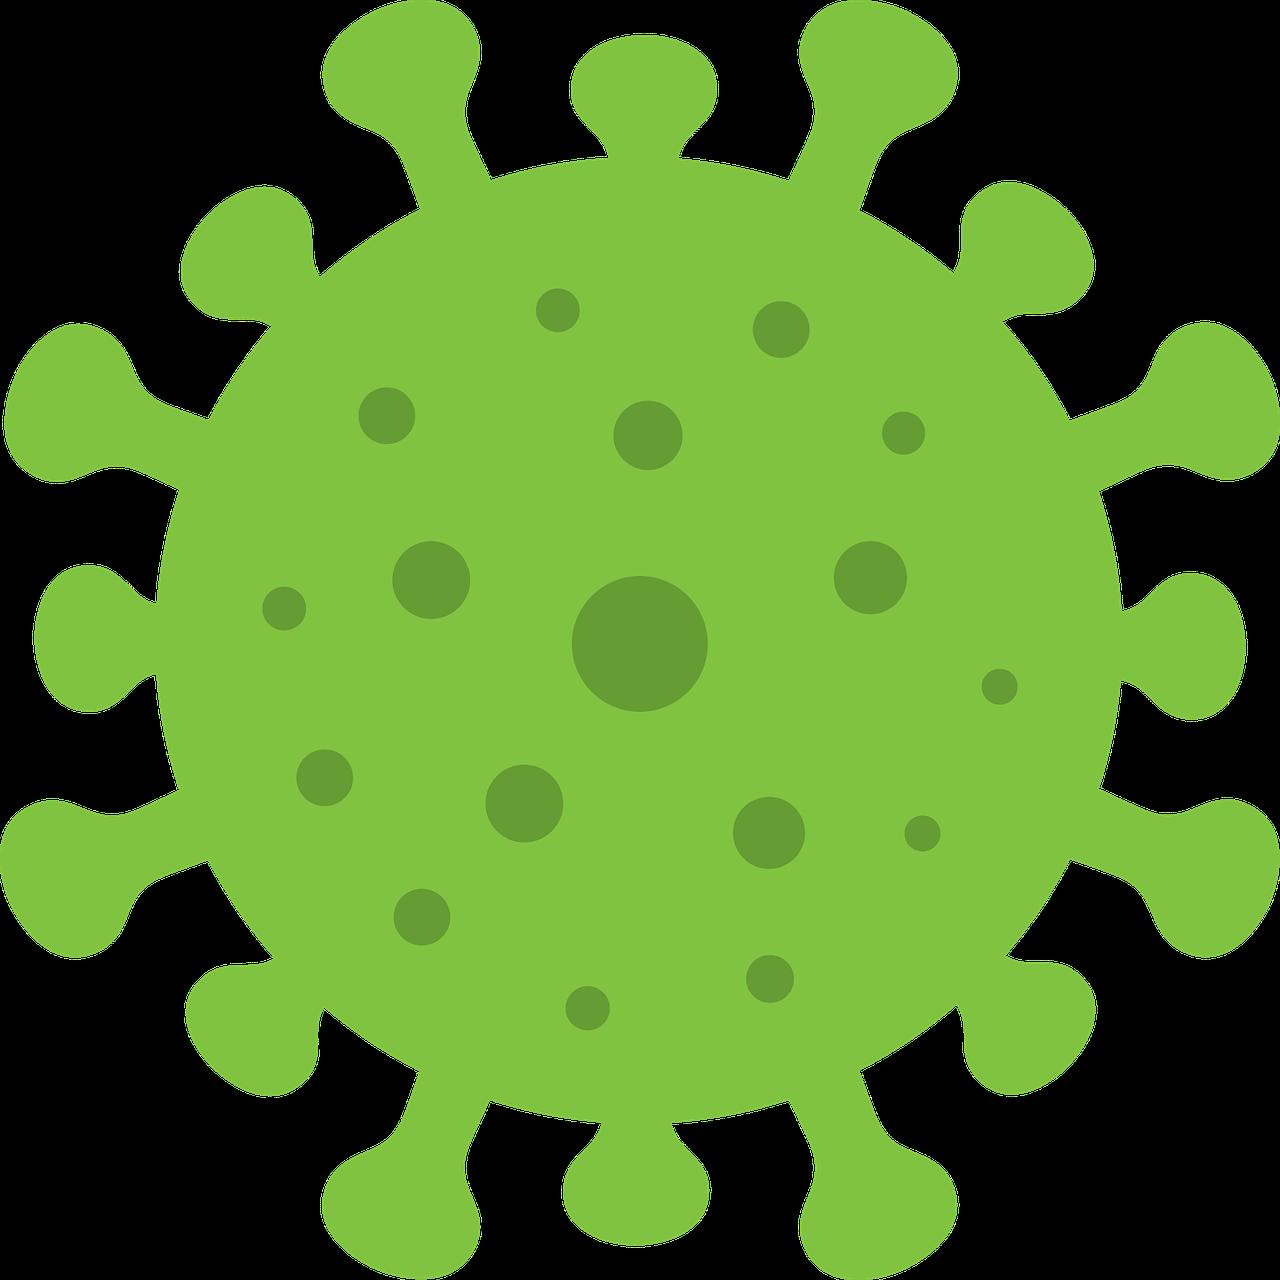 Corona Grün Gepunktet - Kostenlose Vektorgrafik auf Pixabay